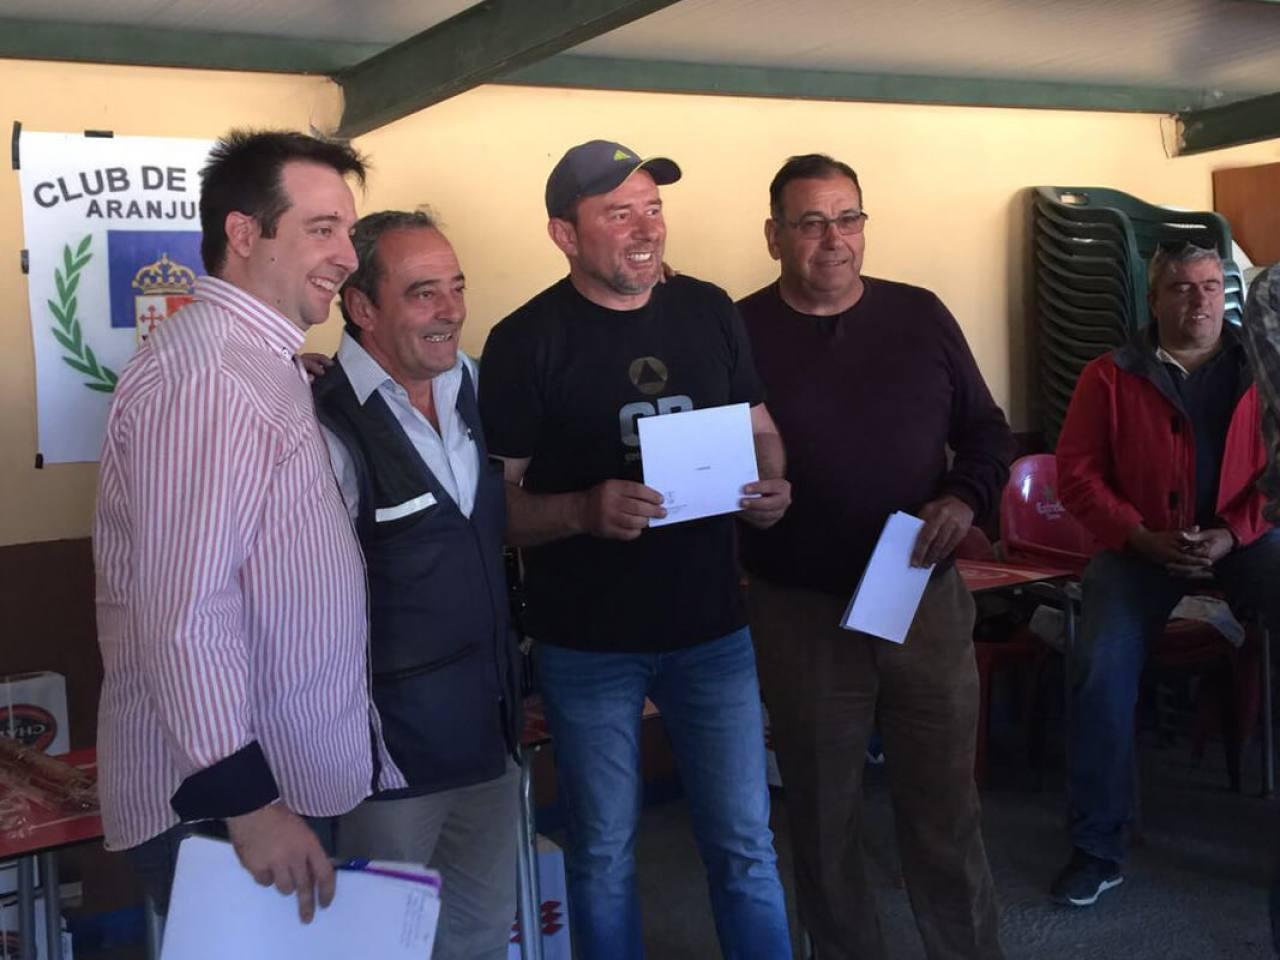 El Campeón Senior de la tirada, D. Pedro Ramos Muñoz.